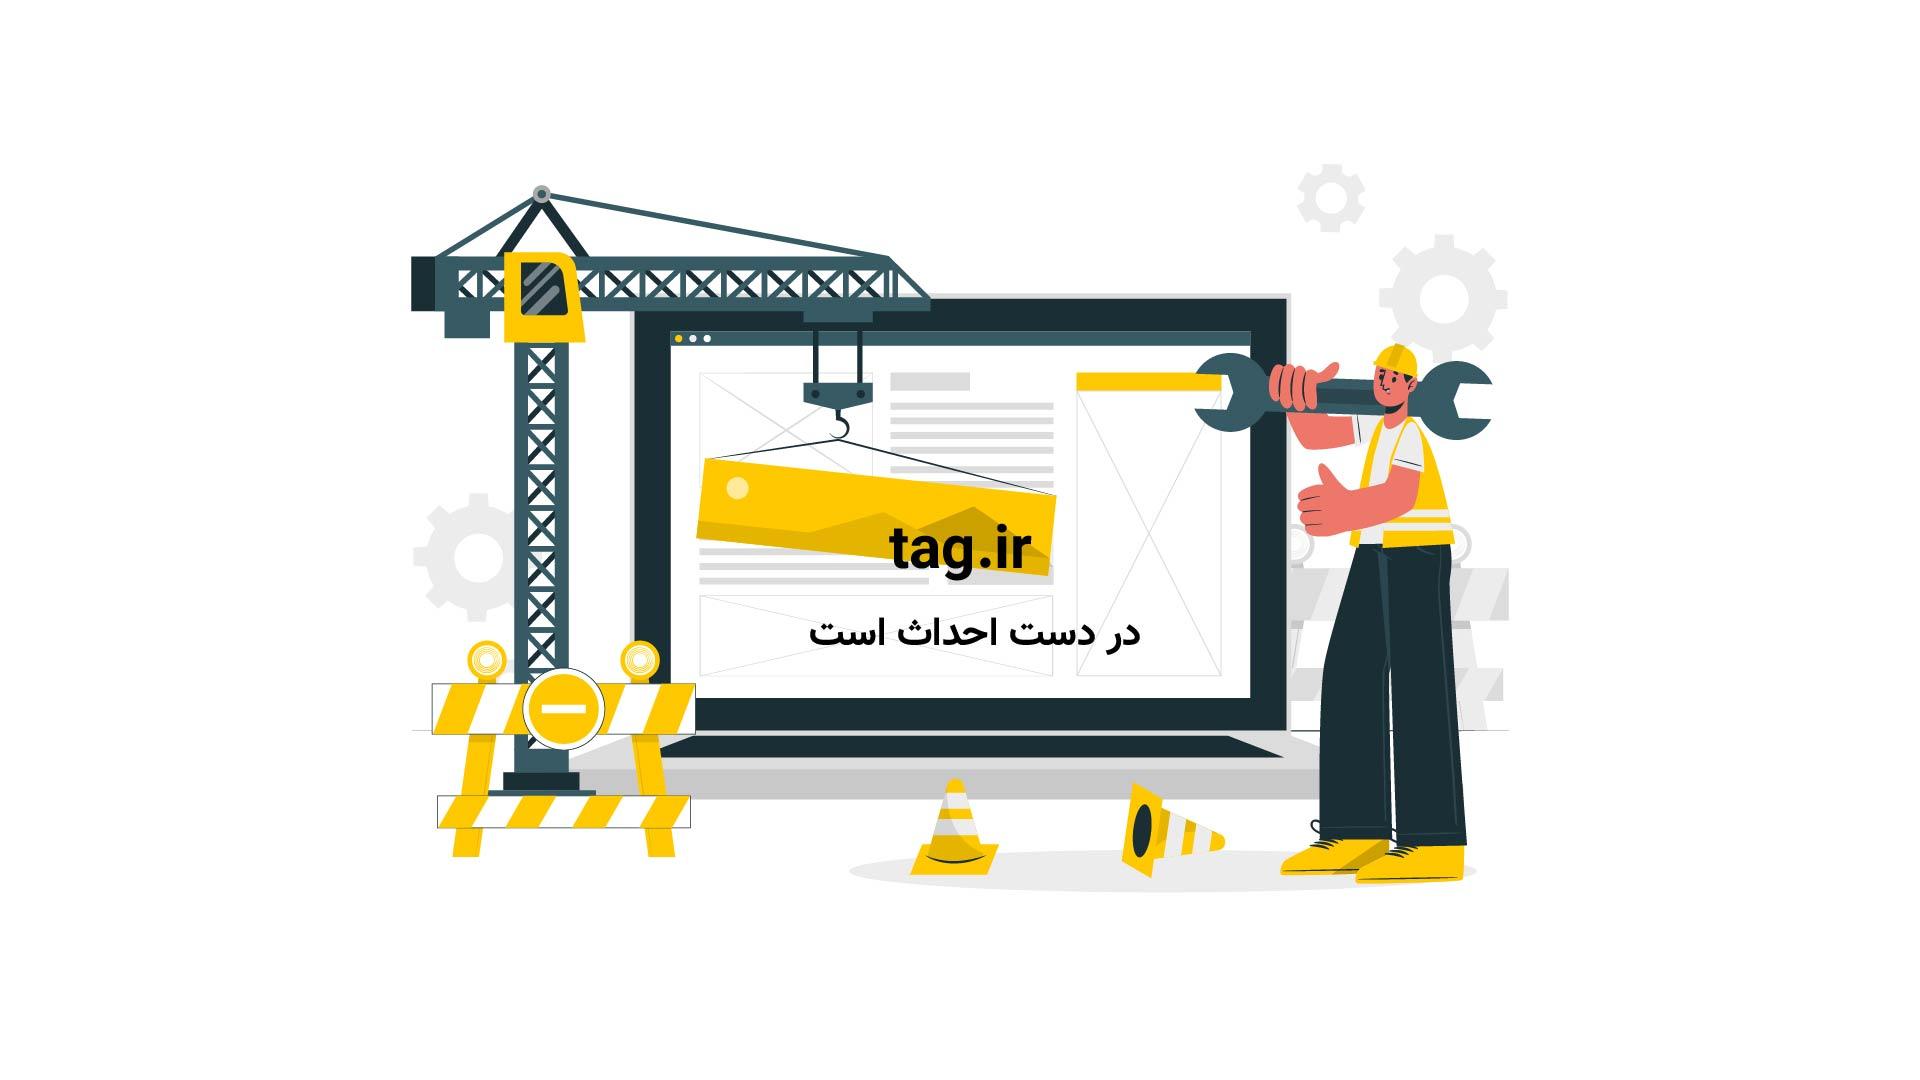 نهنگ کوهاندار | تگ